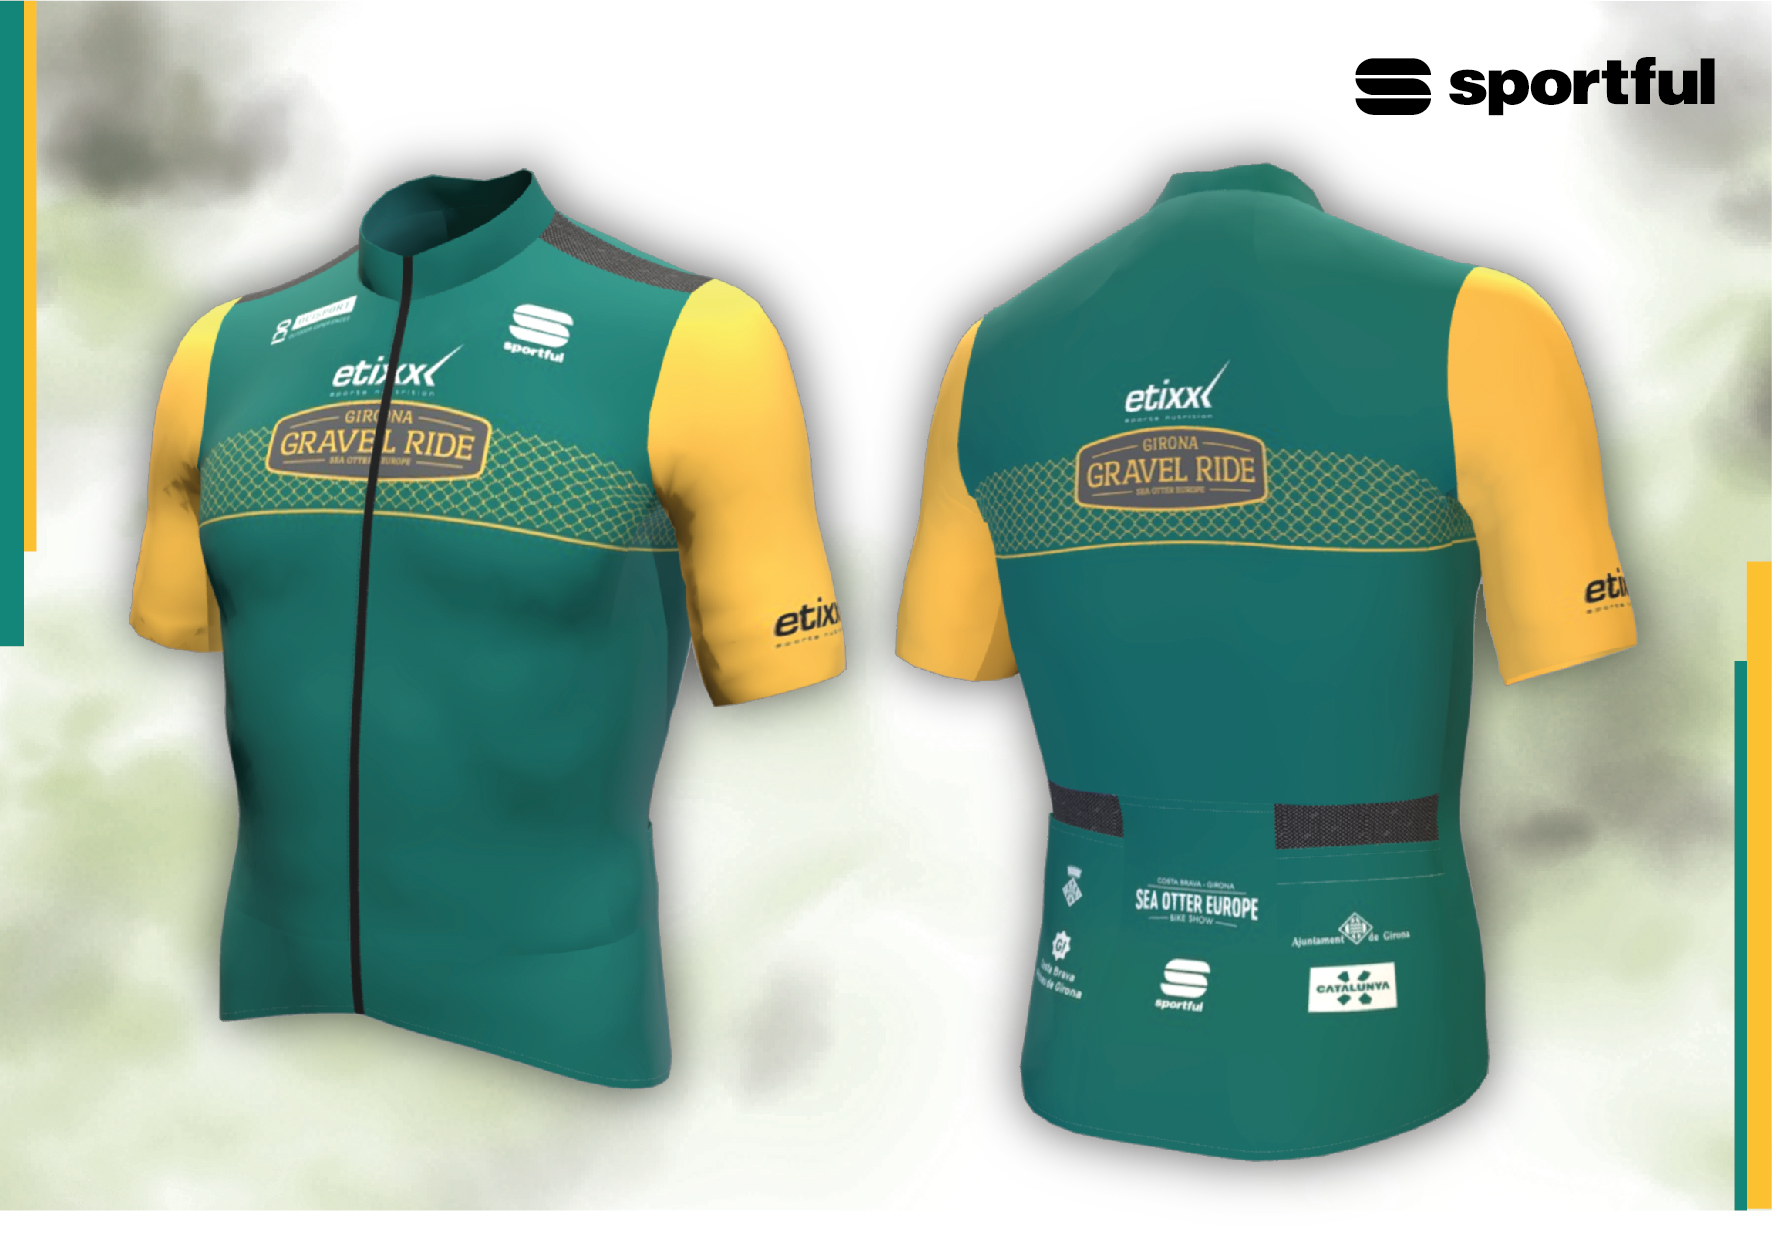 Sportful desarrolla una edición limitada para el maillot de la Girona Gravel Ride